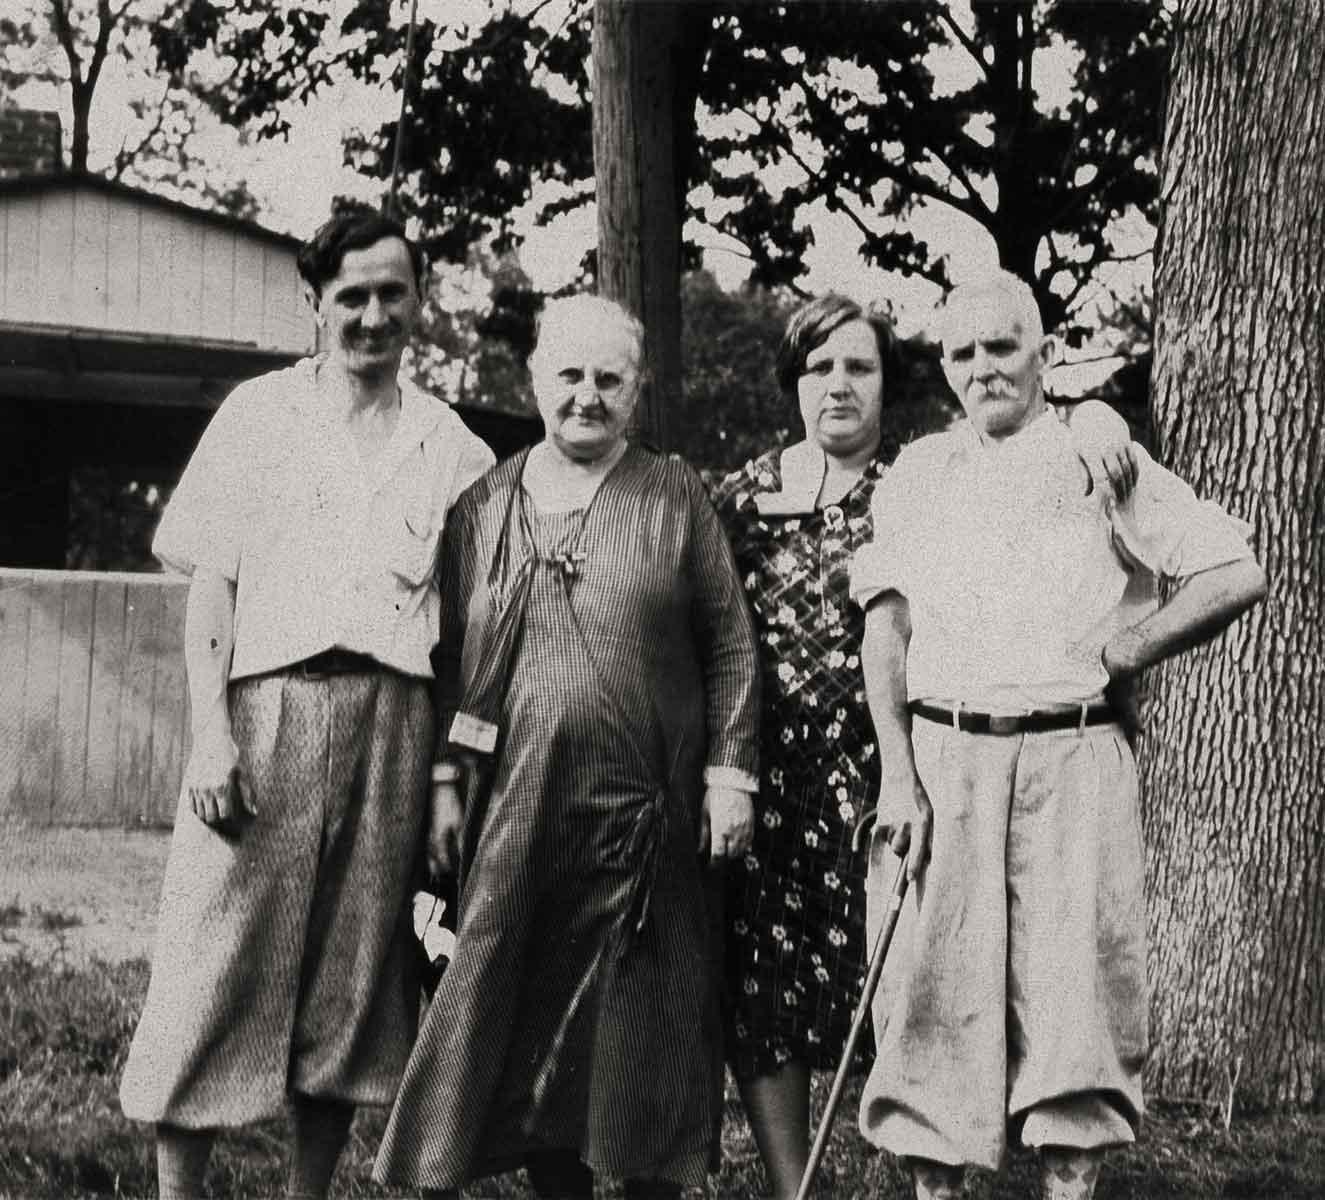 circa 1937